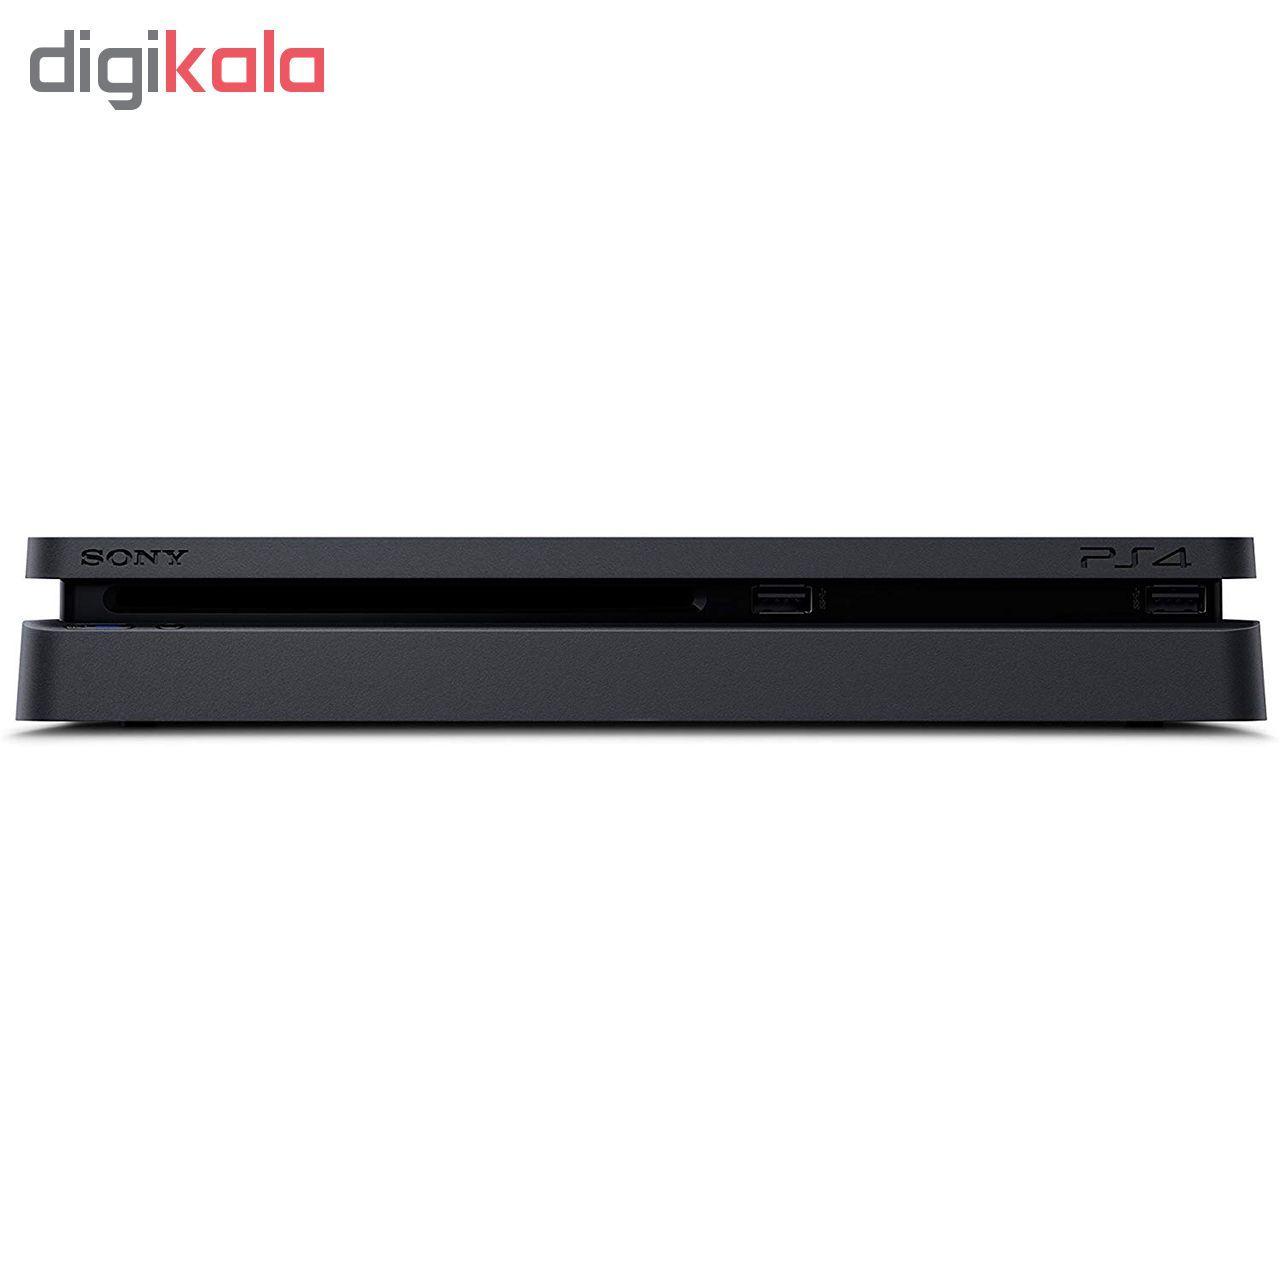 کنسول بازی سونی مدل Playstation 4 Slim کد Region 2 CUH-2216A ظرفیت 500 گیگابایت main 1 3